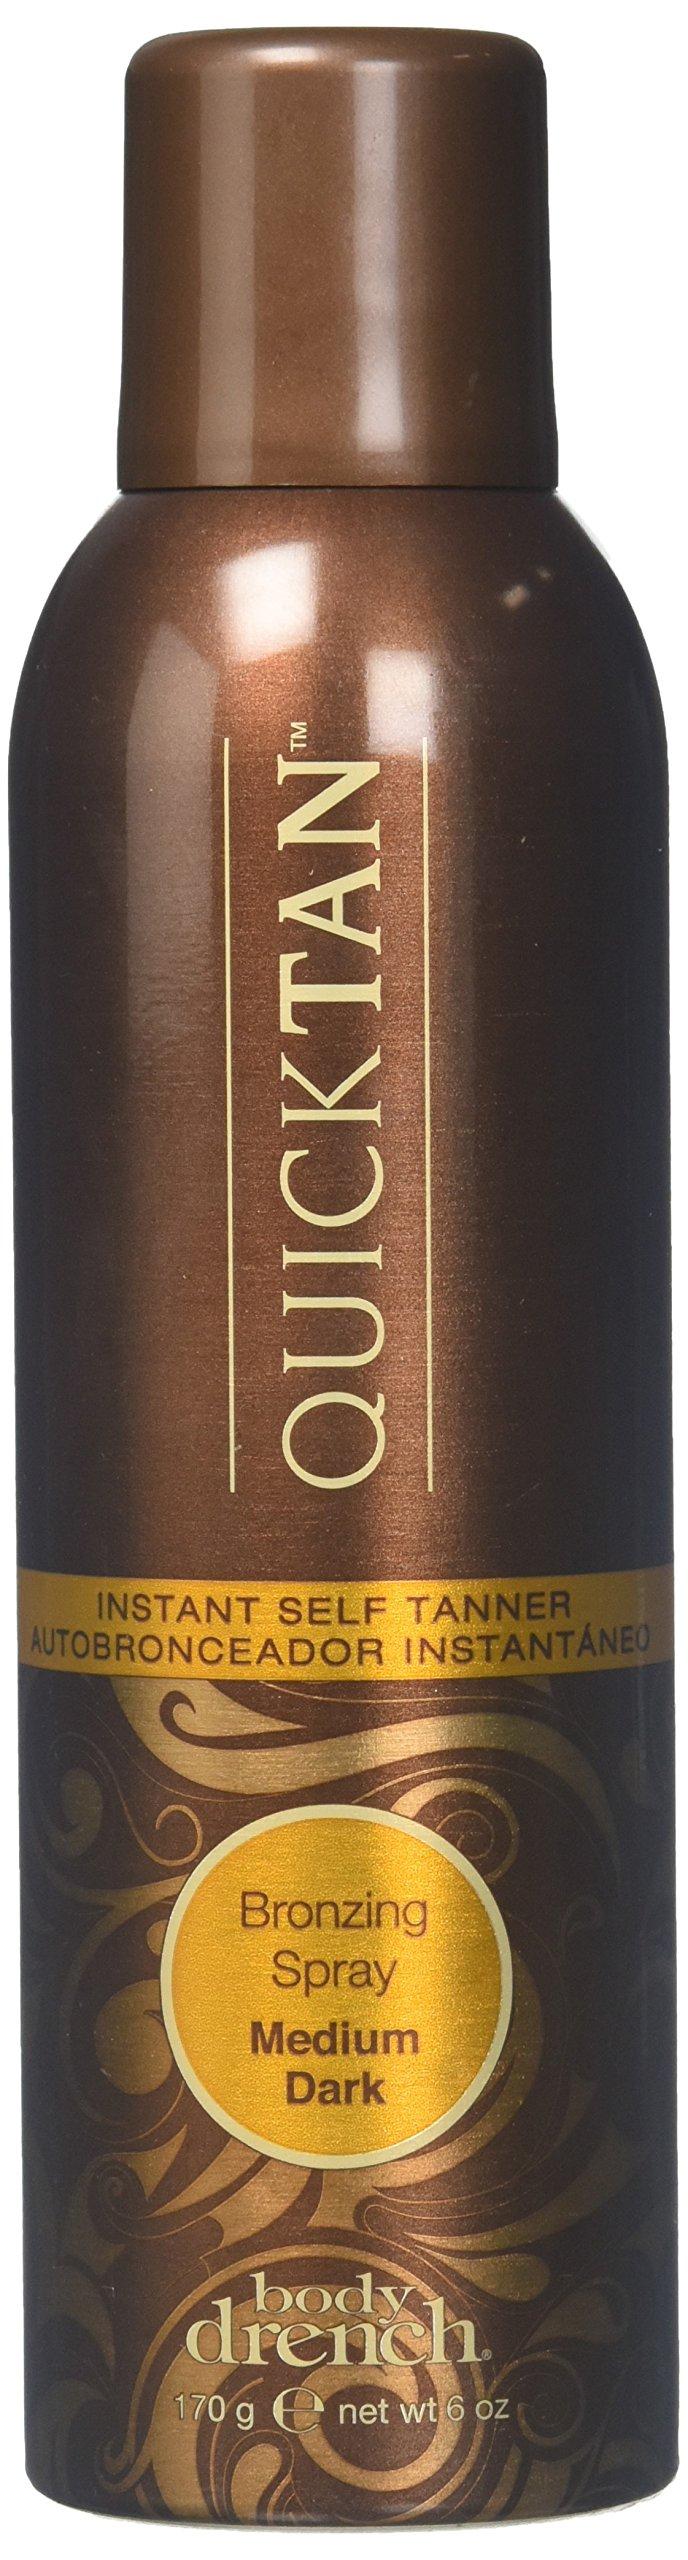 Body Drench QuickTan Bronzing Spray Instant Self Tanner, Medium/Dark, 6oz, 3 Pack